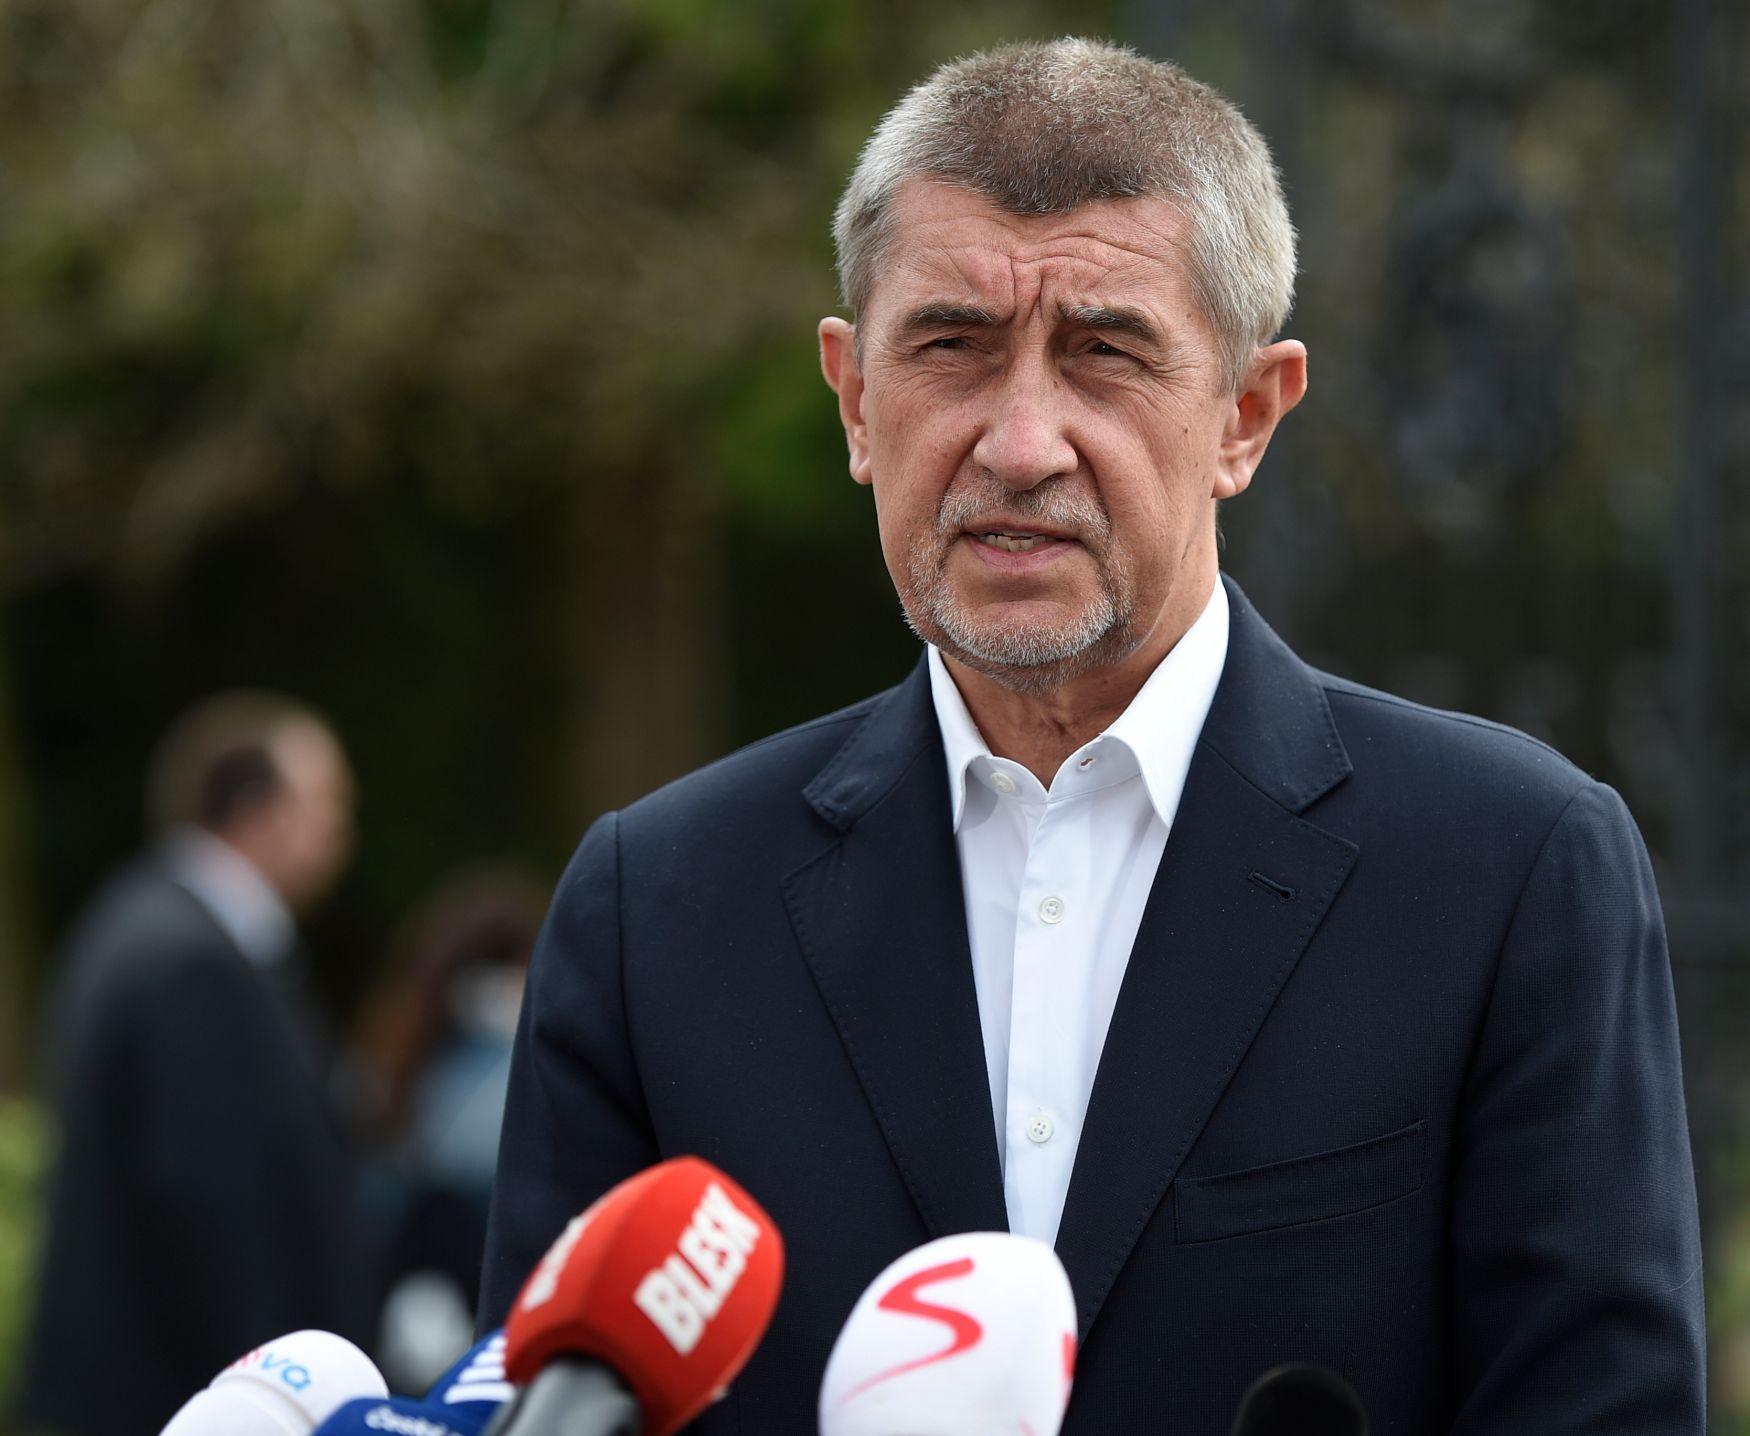 Živě: Zeman mi vyjde vstříc, říká Babiš. Kdo bude nový ministr? Sledujte speciál DVTV